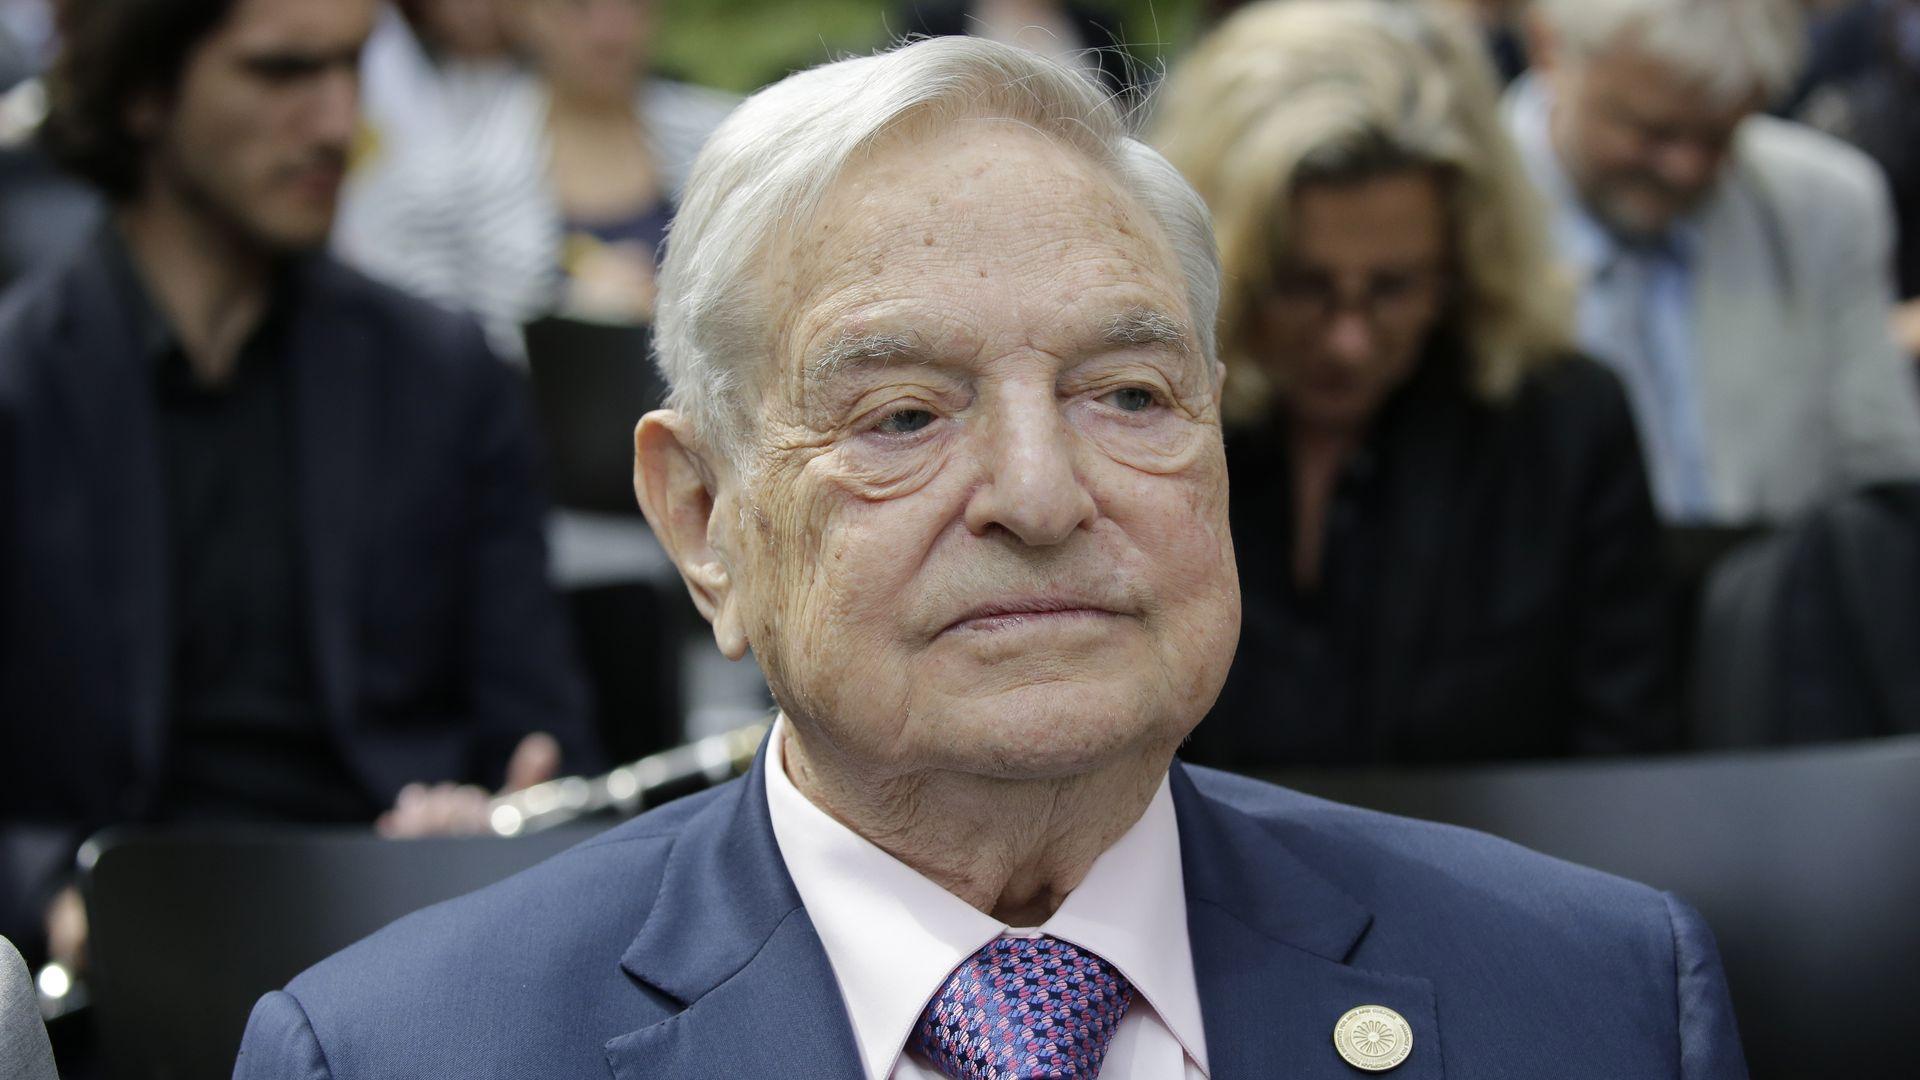 A headshot of George Soros.